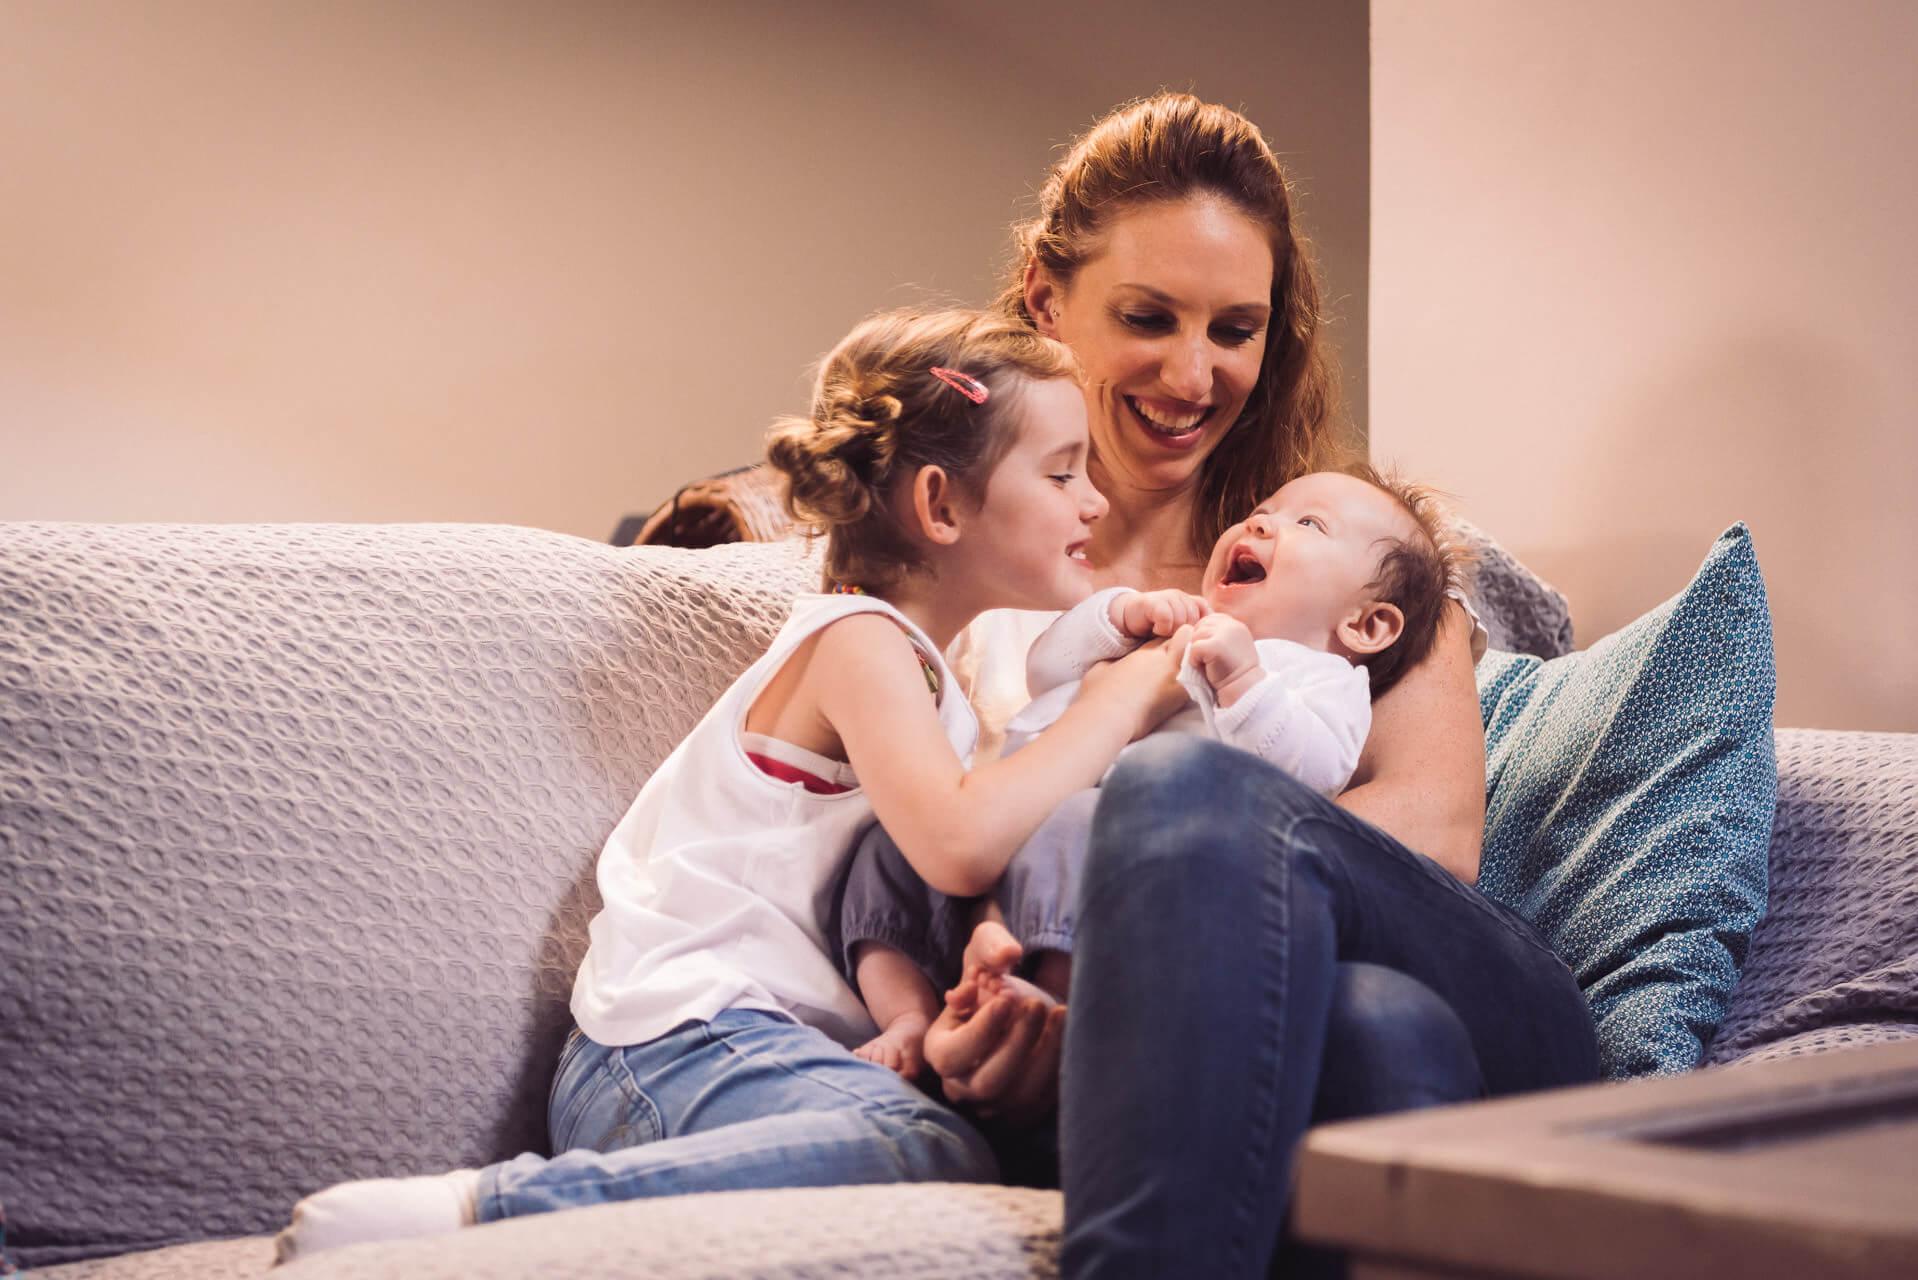 photographe valros beziers pezenas studio graou bébé famille